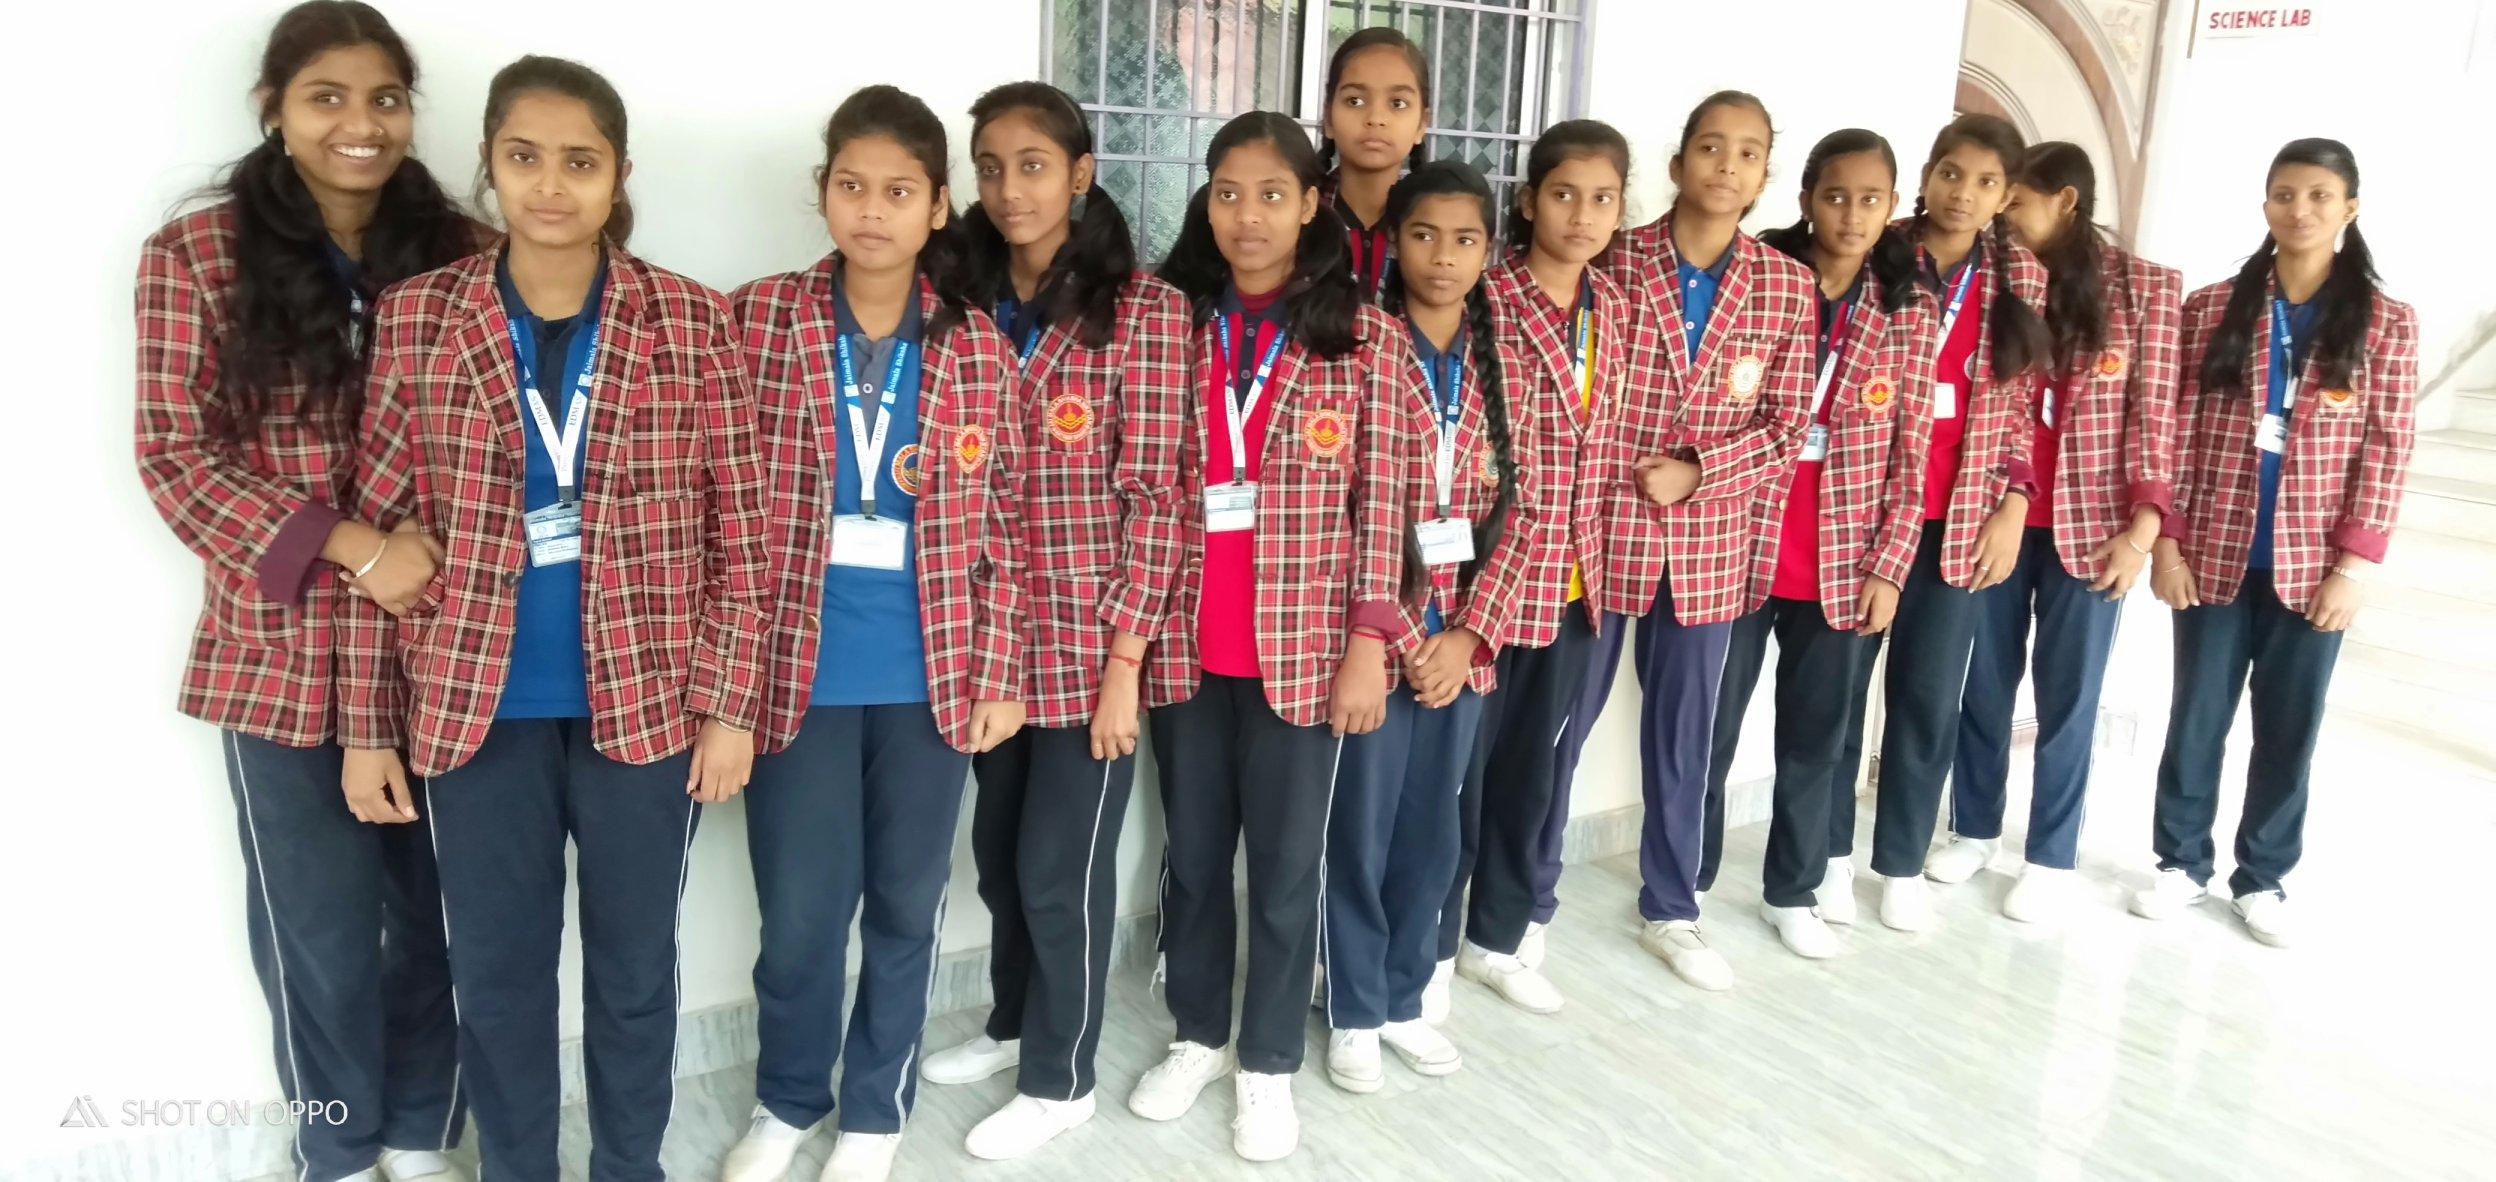 Jai Mala Shiksha Niketan: Jai Mala team